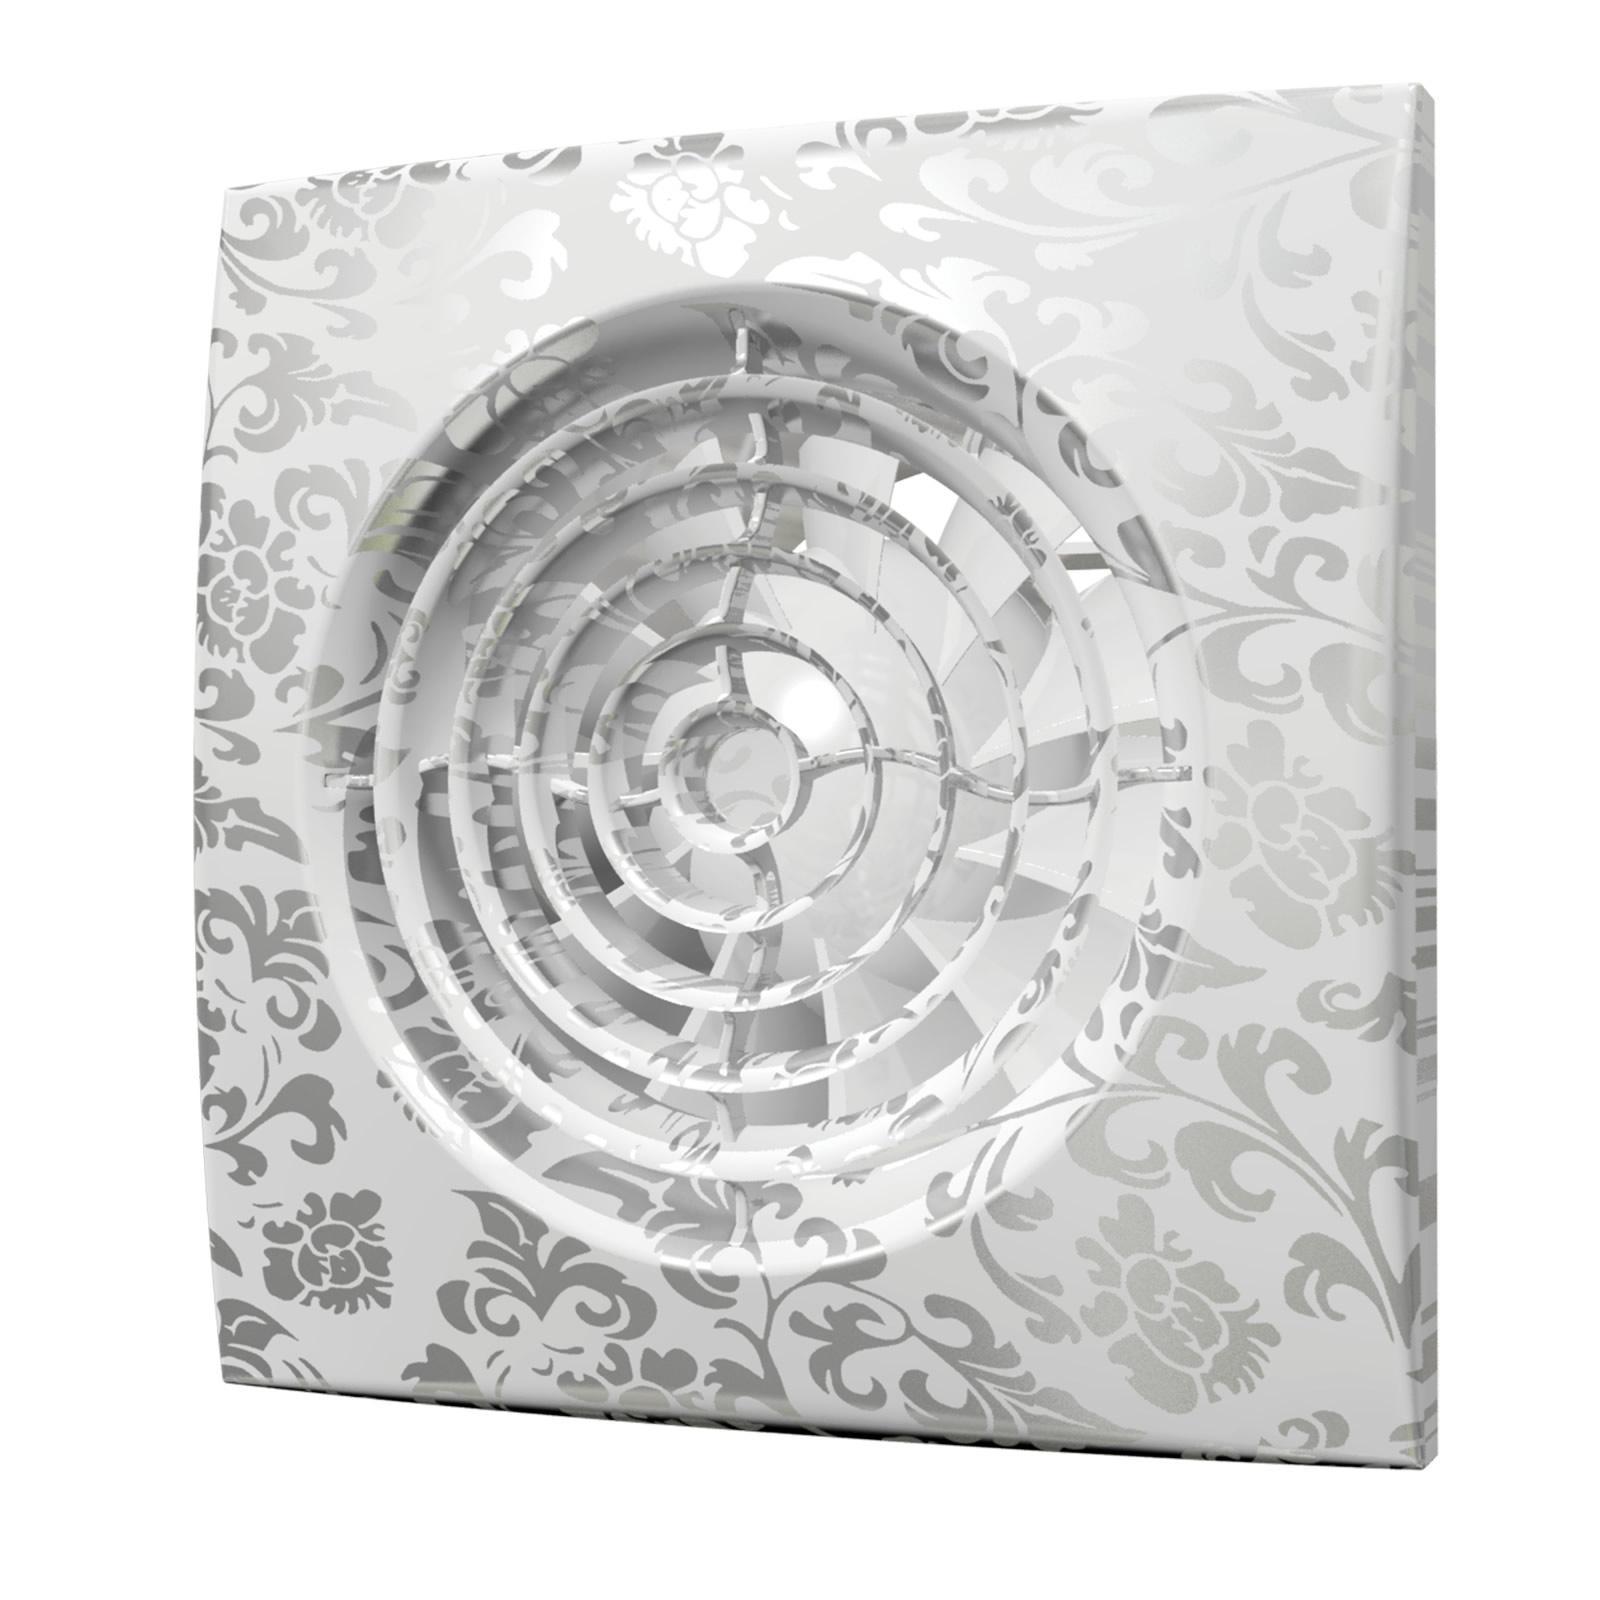 Вентилятор Diciti Aura 4c white design